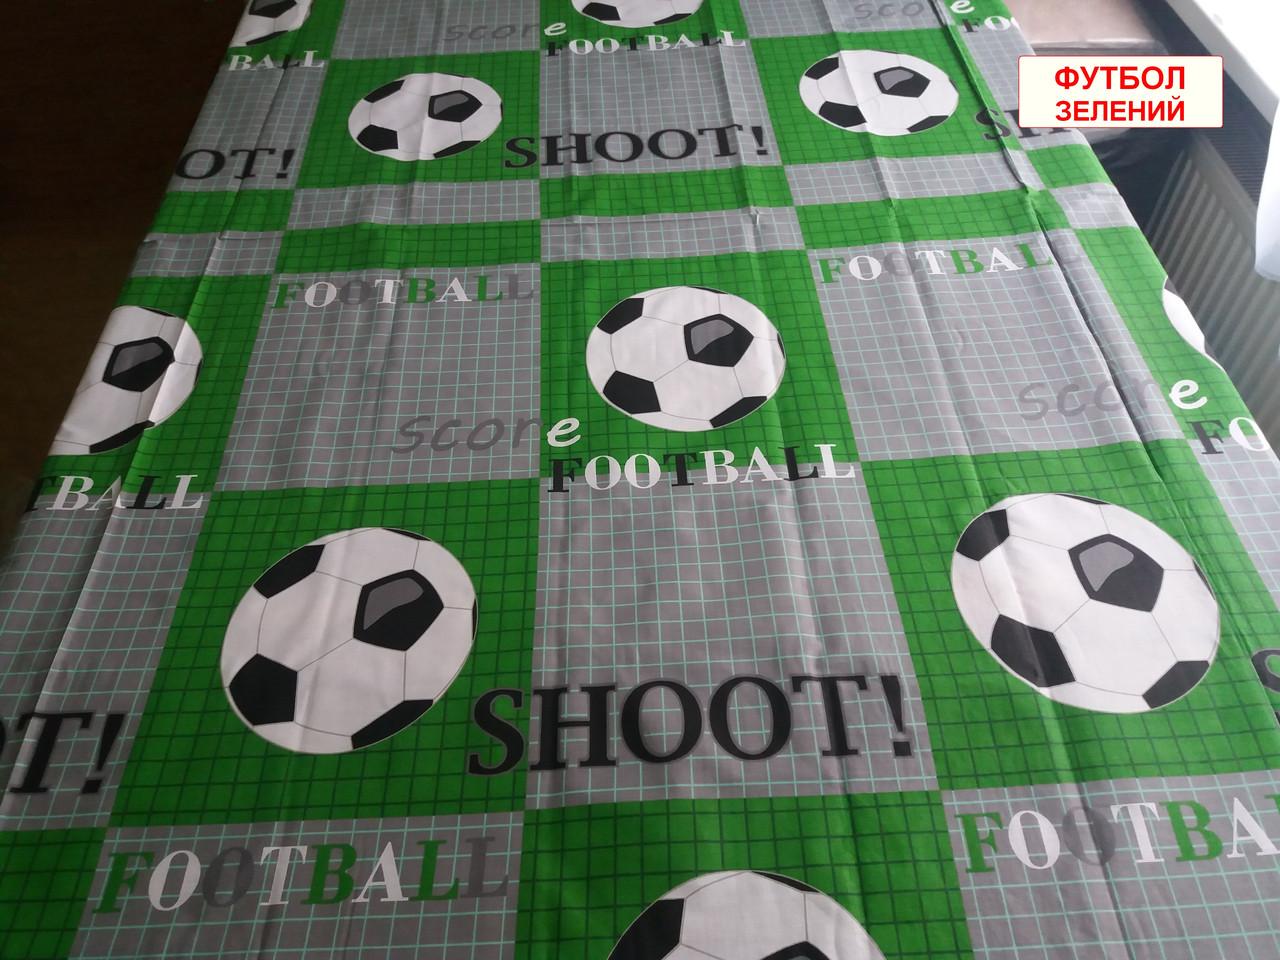 Двометрове простирадло бязеве - Футбол зелений